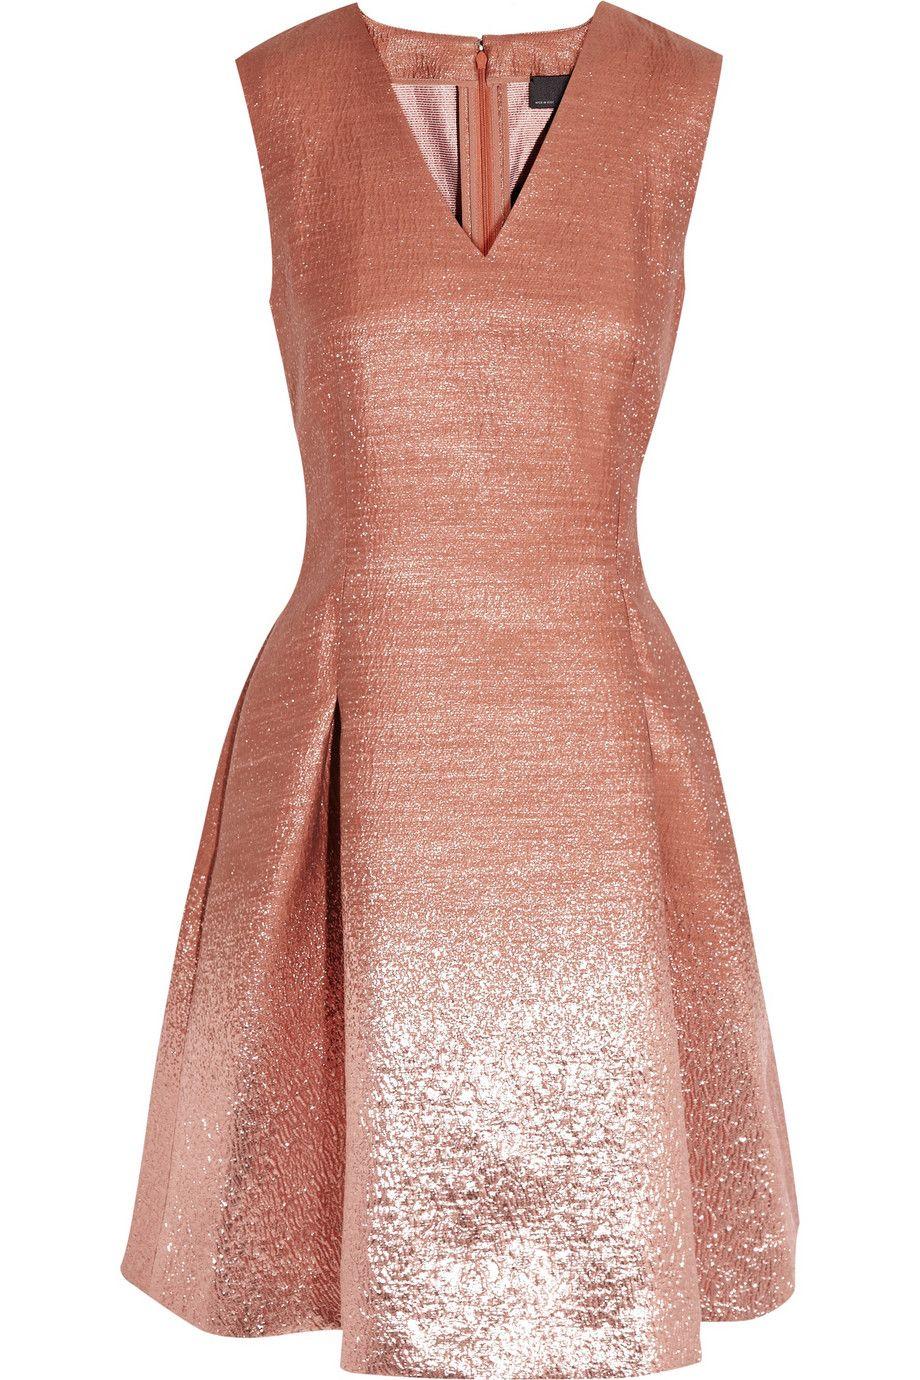 Fendi|Ombre-effect metallic dress|NET-A-PORTER.COM